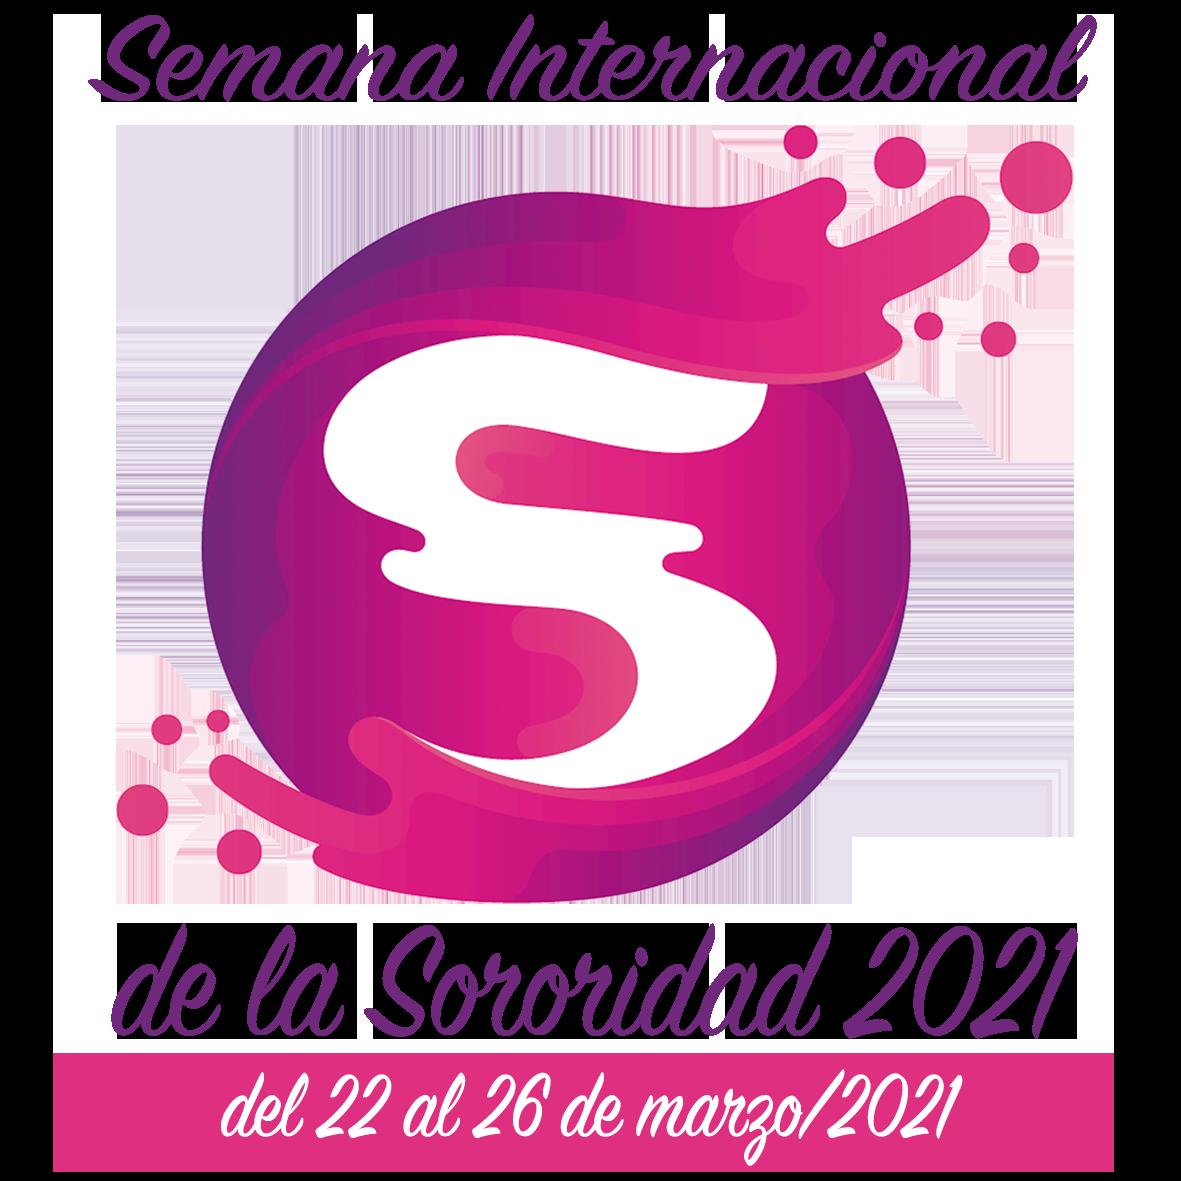 logo-SIS-2021-fechas